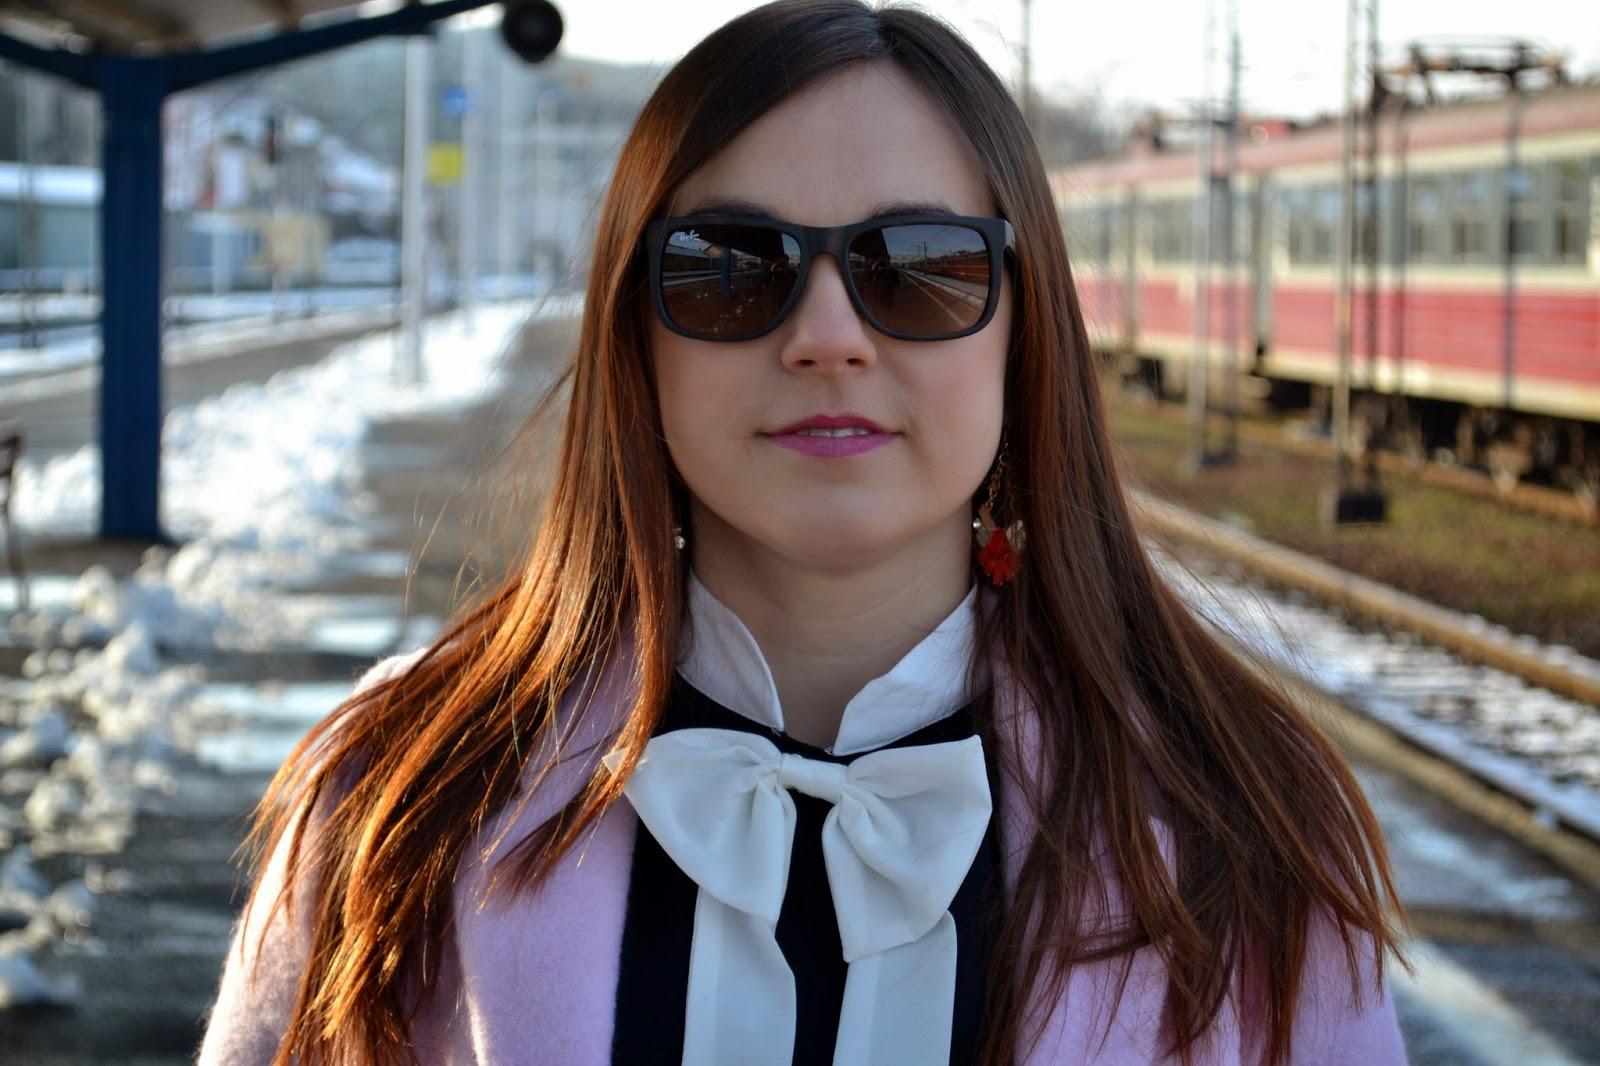 Okulary Ray-Ban, Michael Kors, sukienka z kokardą, dziewczęca sukienka, sukienka do pracy, pastelowy płaszcz